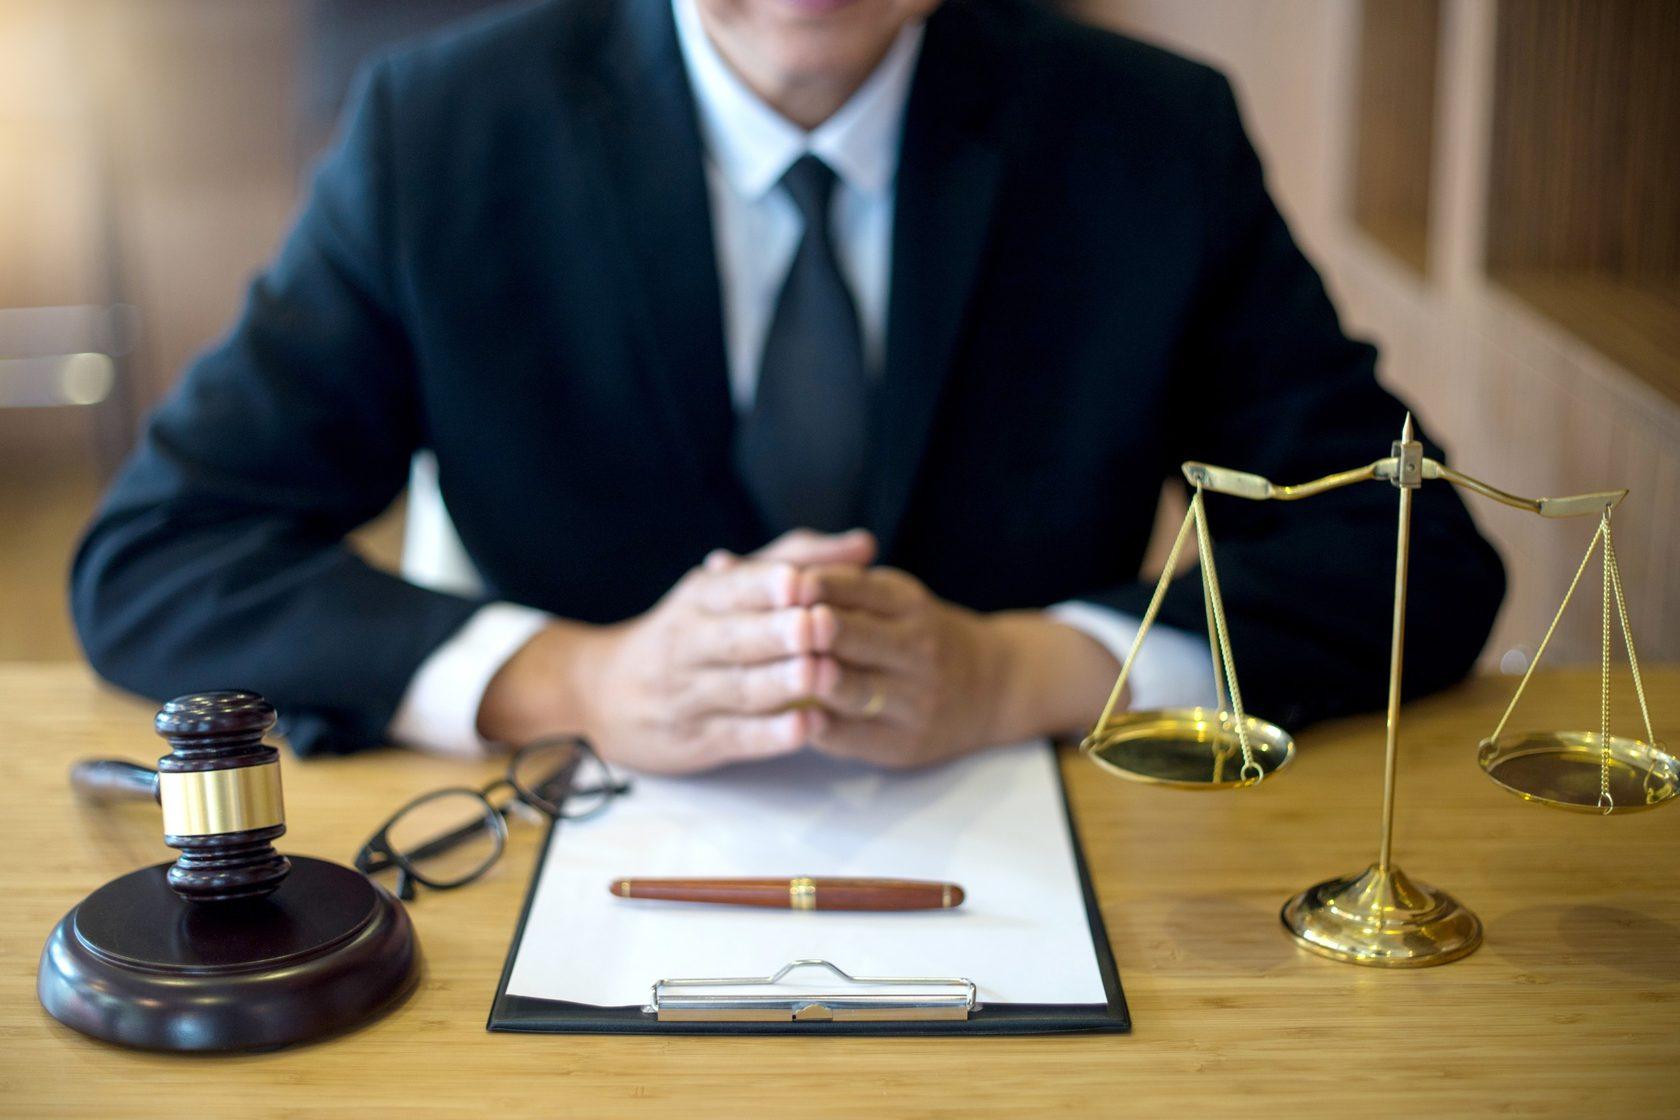 байрам юридическая консультация картинки для презентации колюшка относится